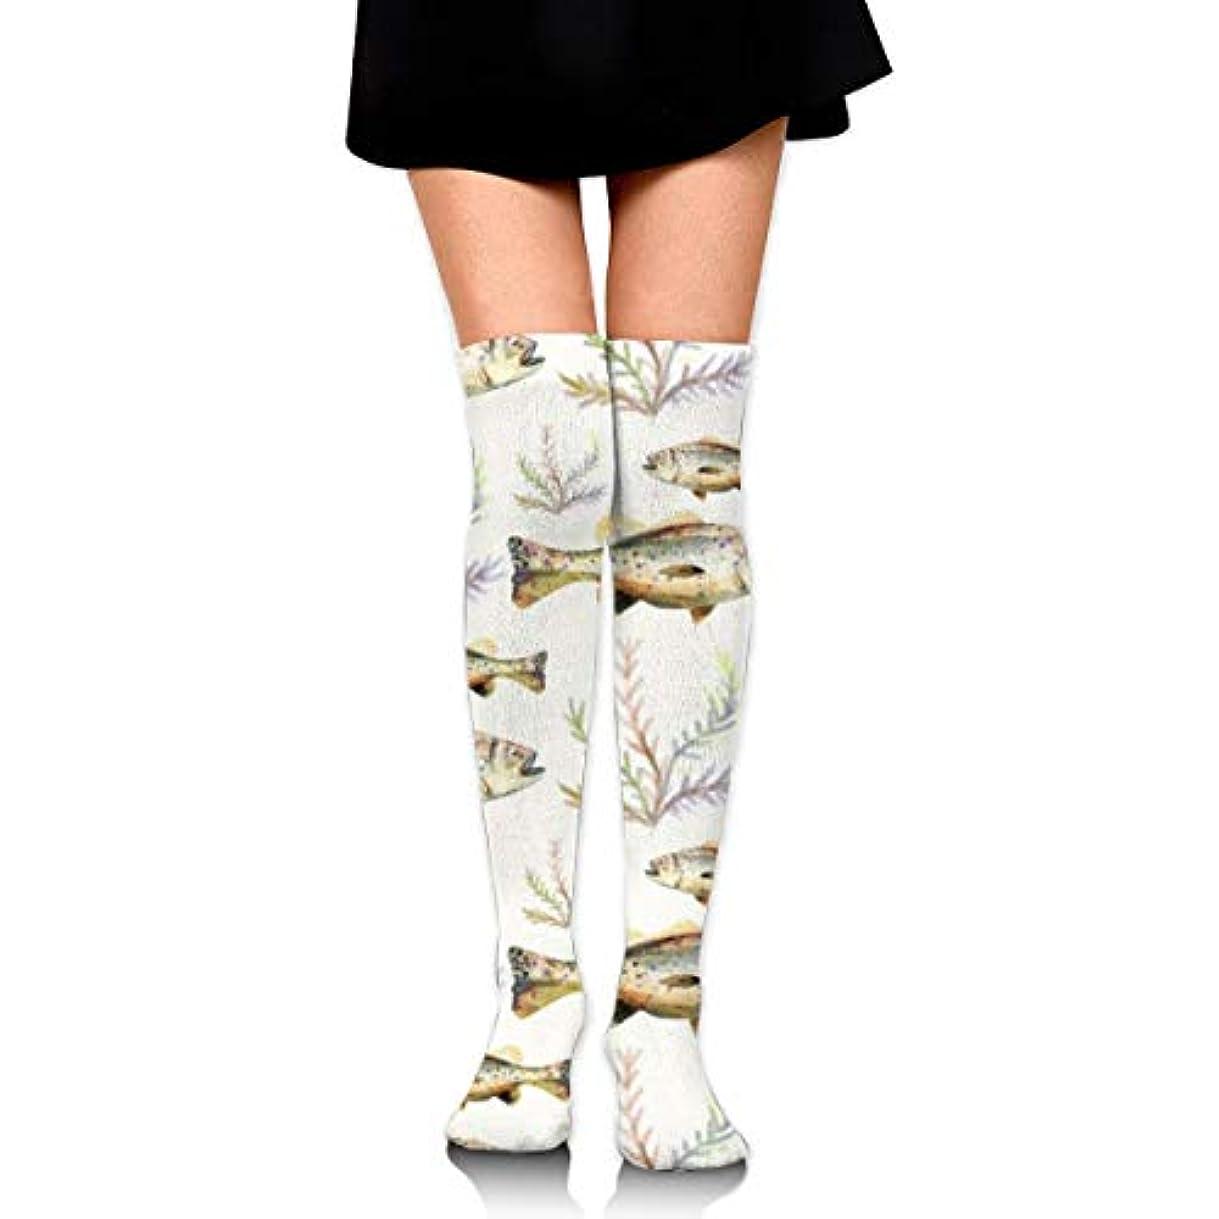 抽象化変な試すMKLOS 通気性 圧縮ソックス Breathable Classic Warmer Tube Leg Stockings Watercolor Bass Fish Seaweed Exotic Psychedelic...